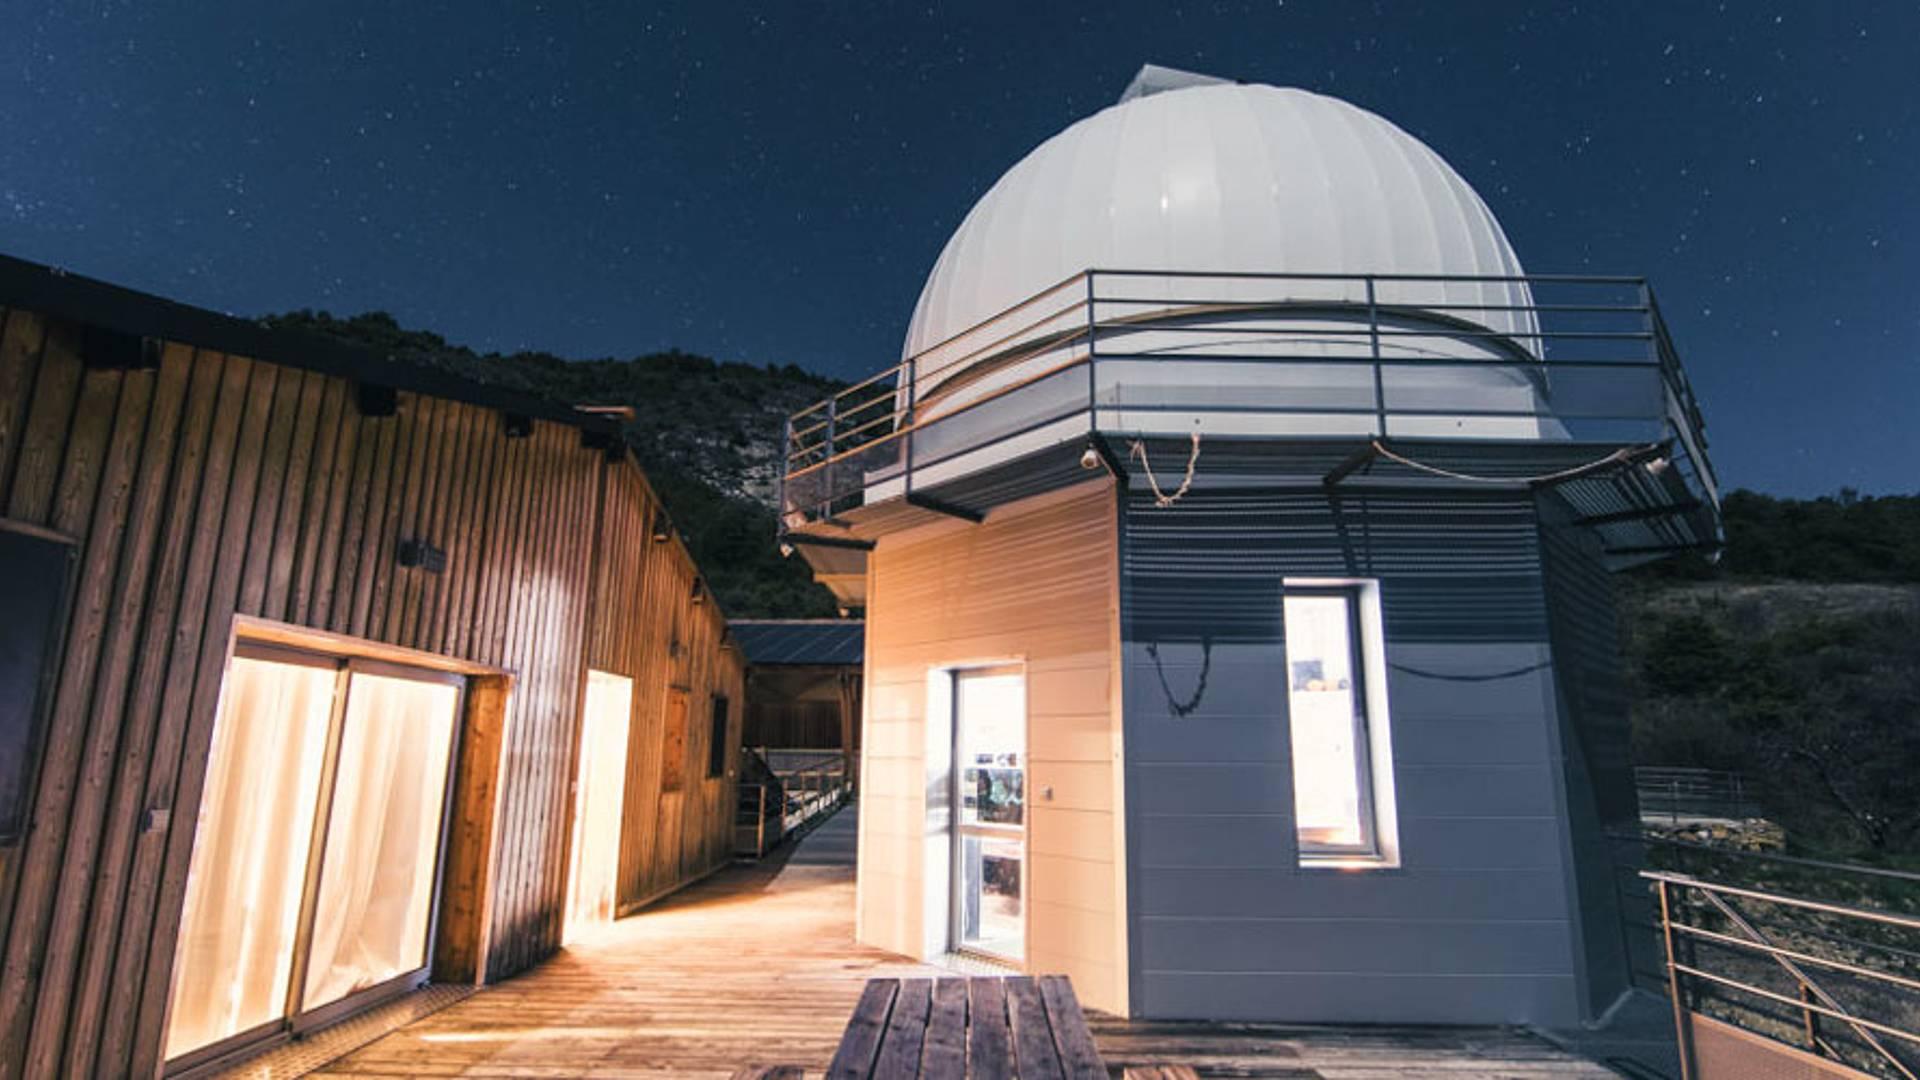 Une semaine dans la vie d'un astronome en Provence